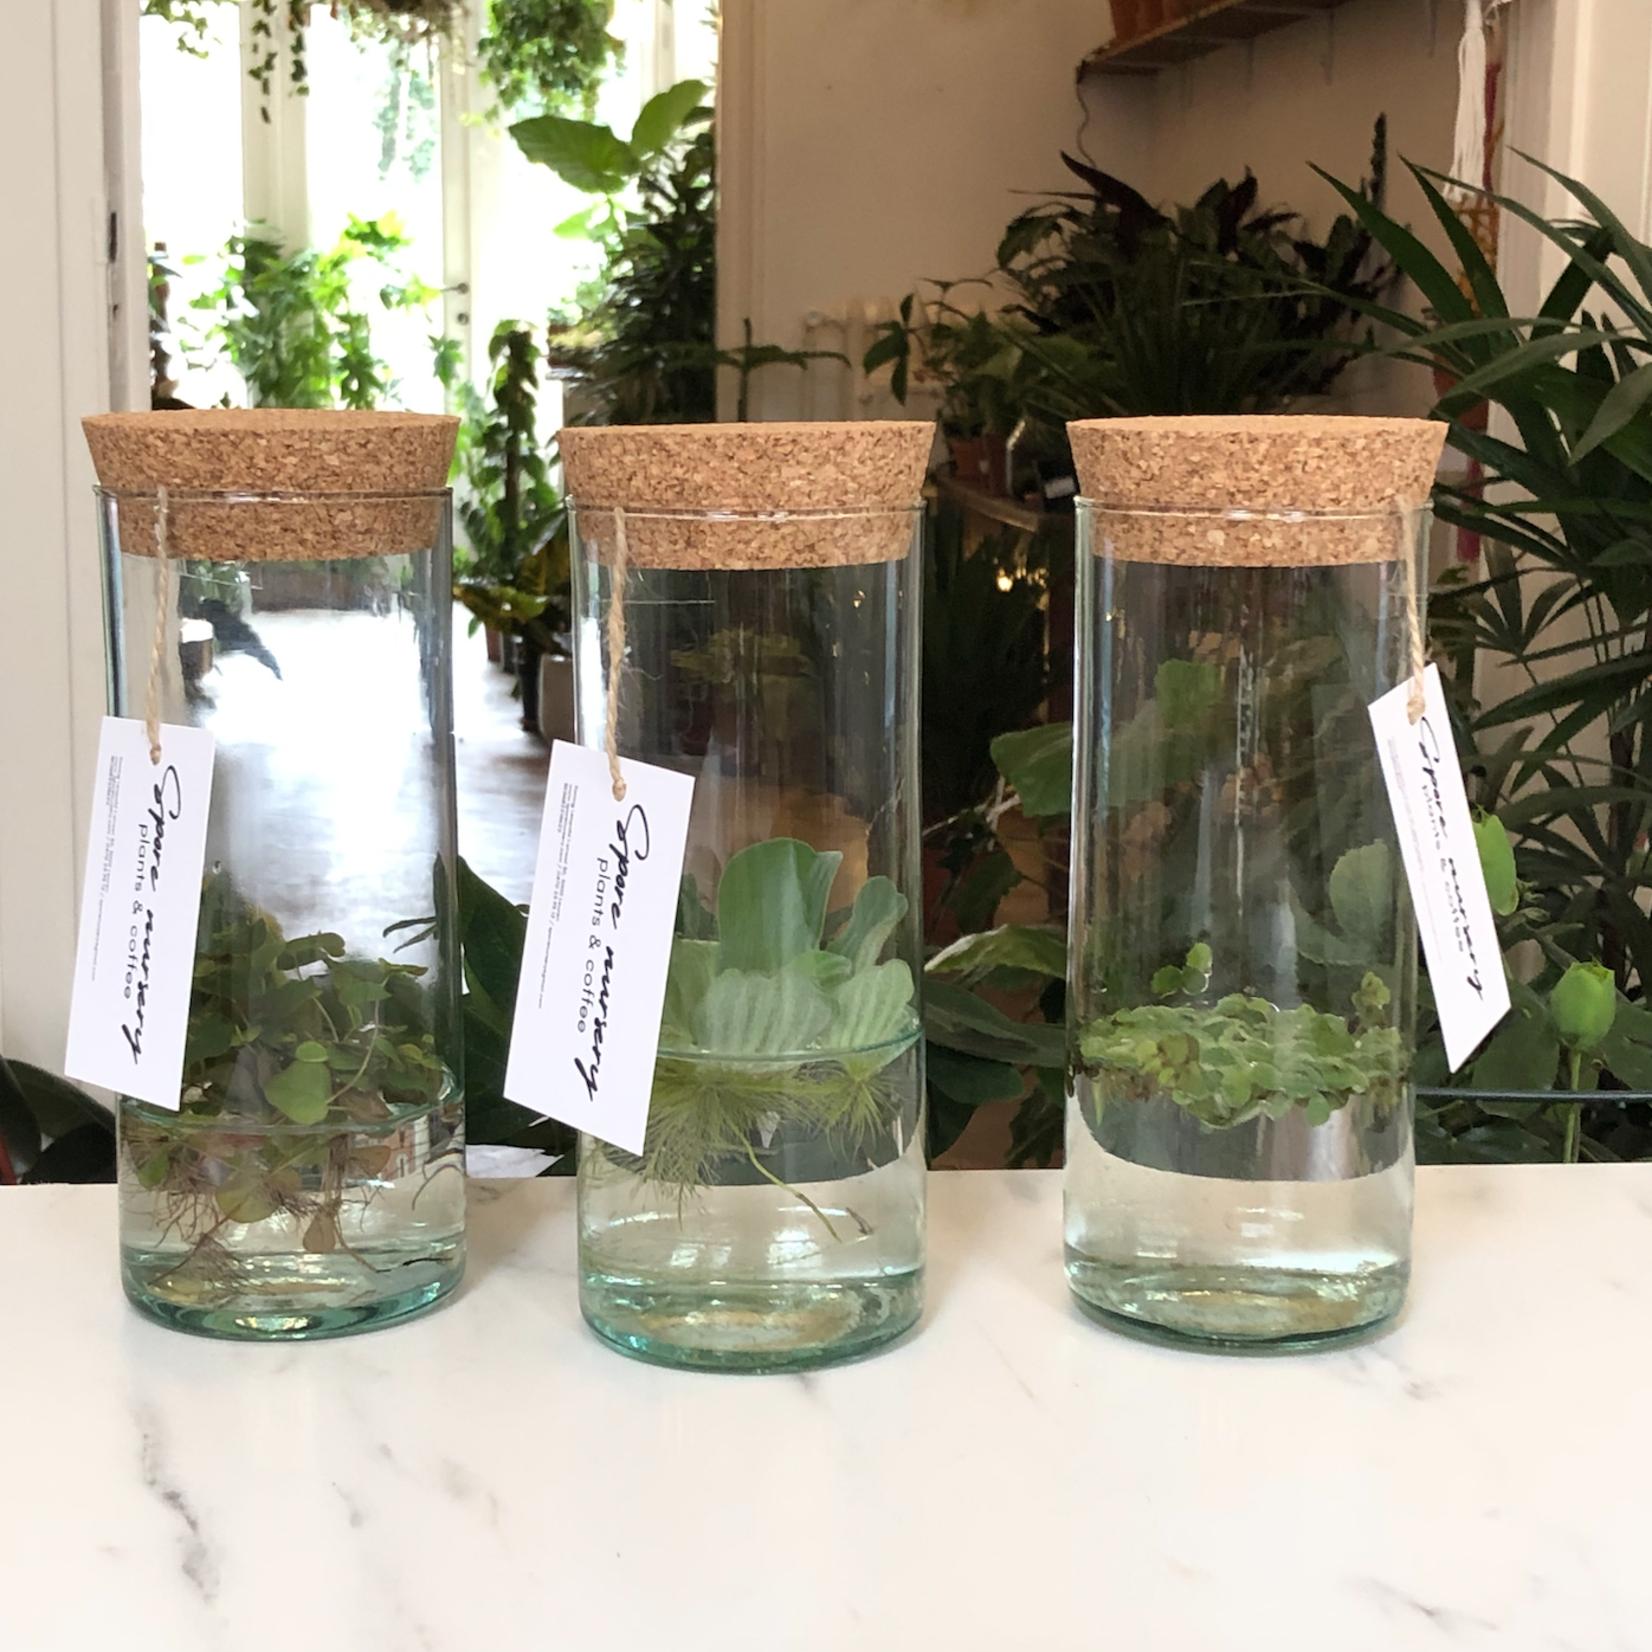 Spore Nursery Aquarium cilinder met Phyllanthus fluitans